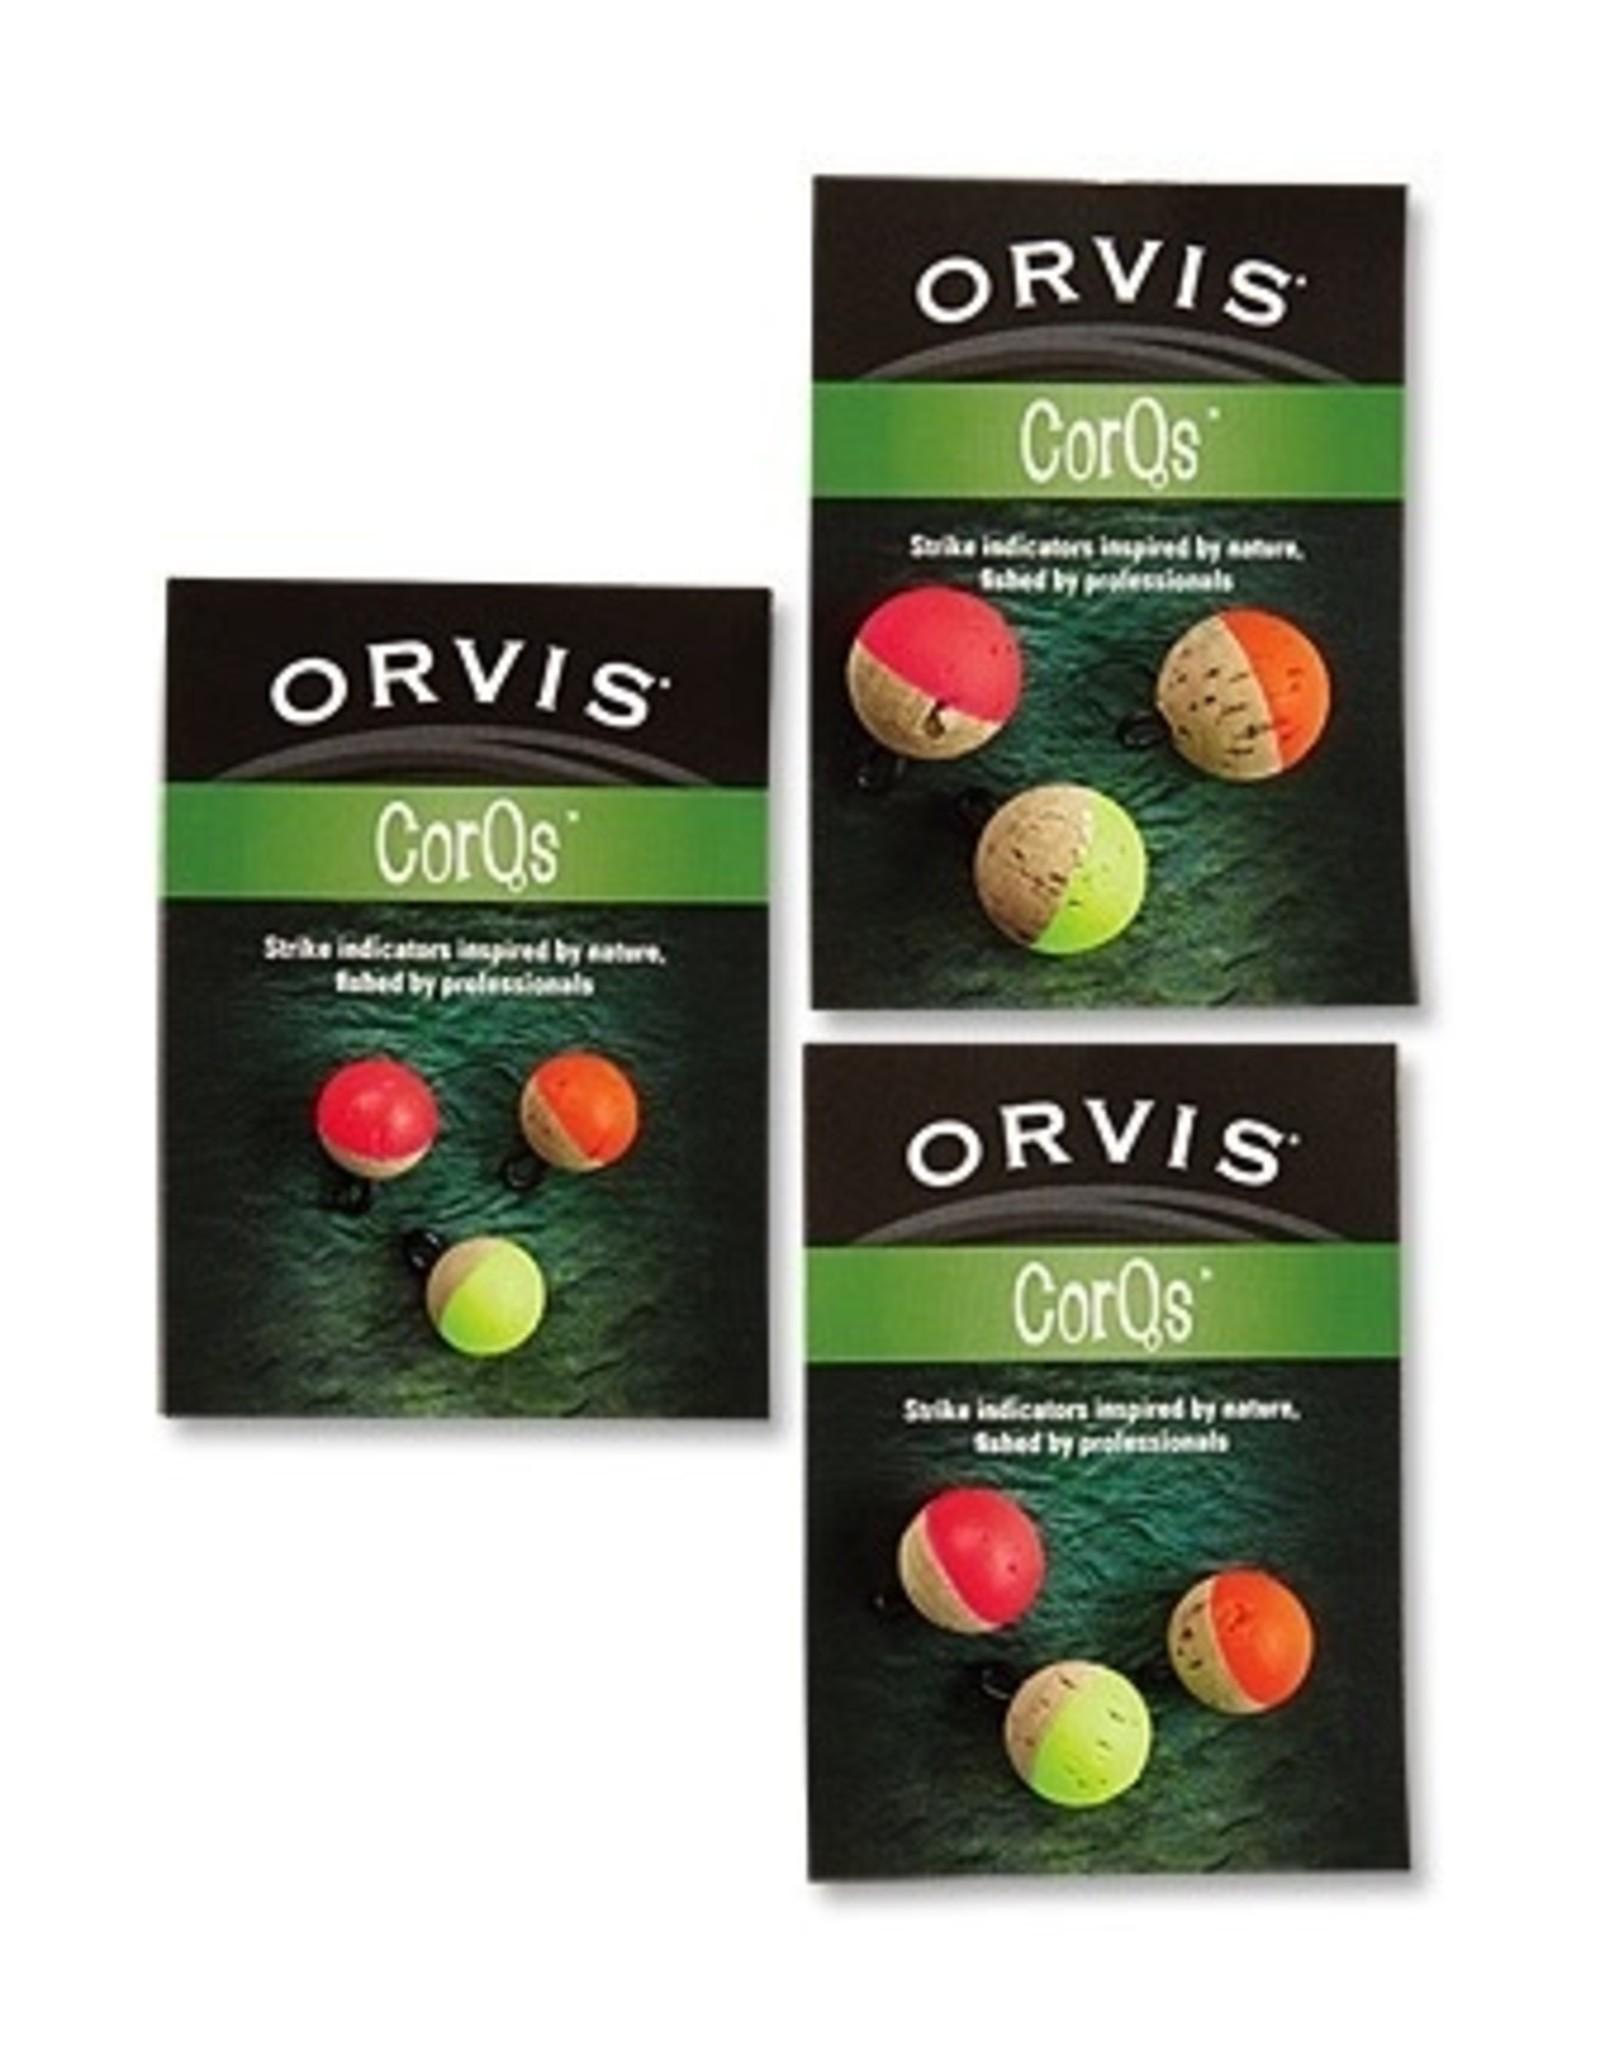 Orvis Orvis Corqs